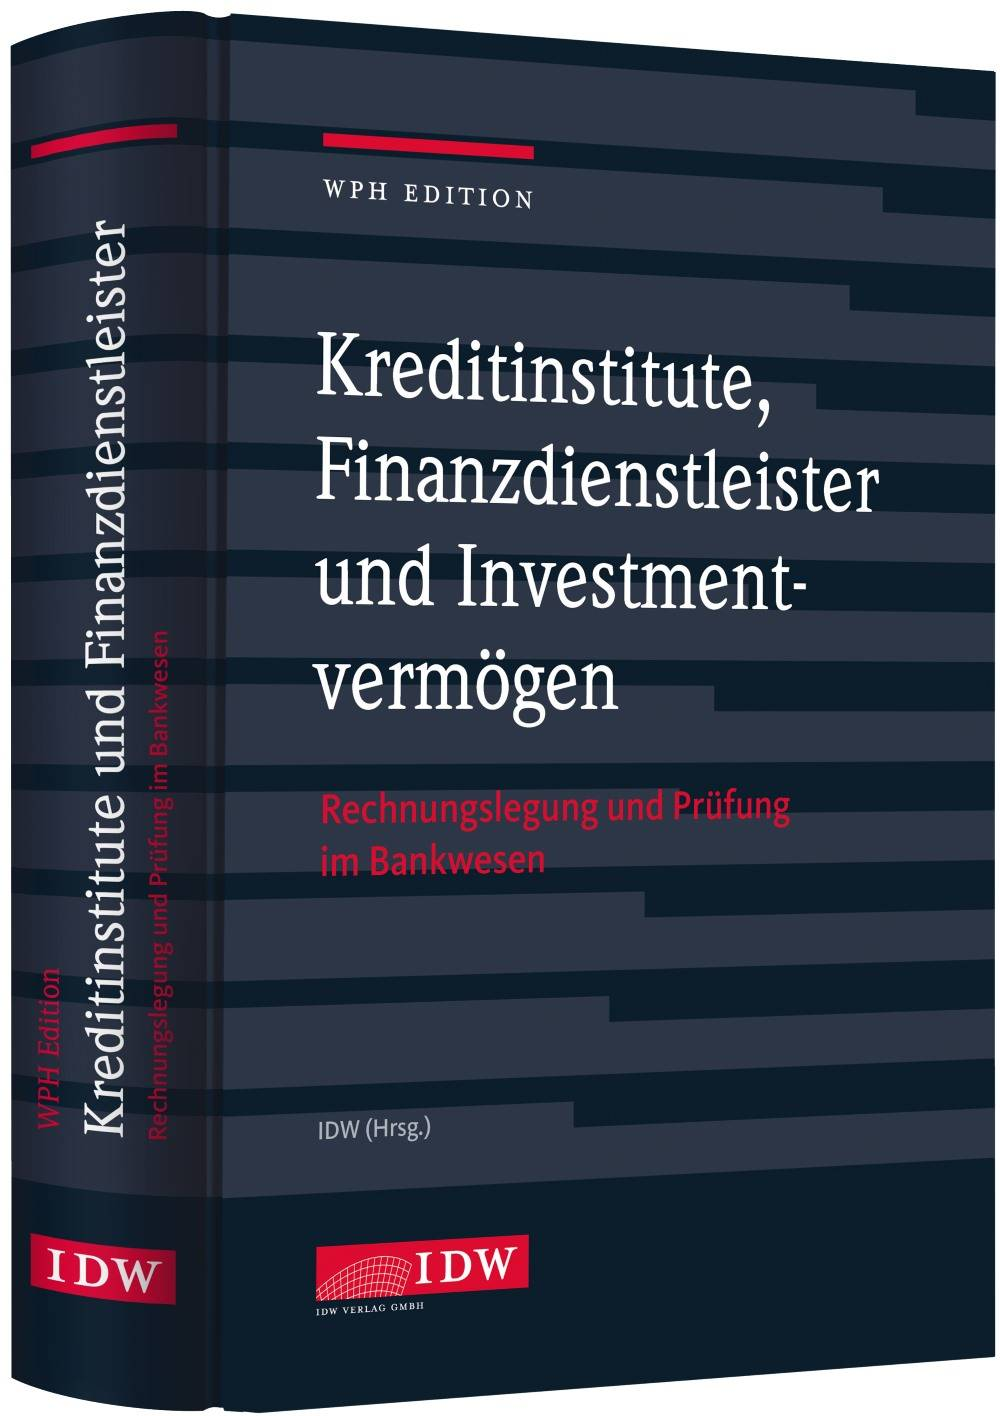 Kreditinstitute, Finanzdienstleister und Investmentvermögen